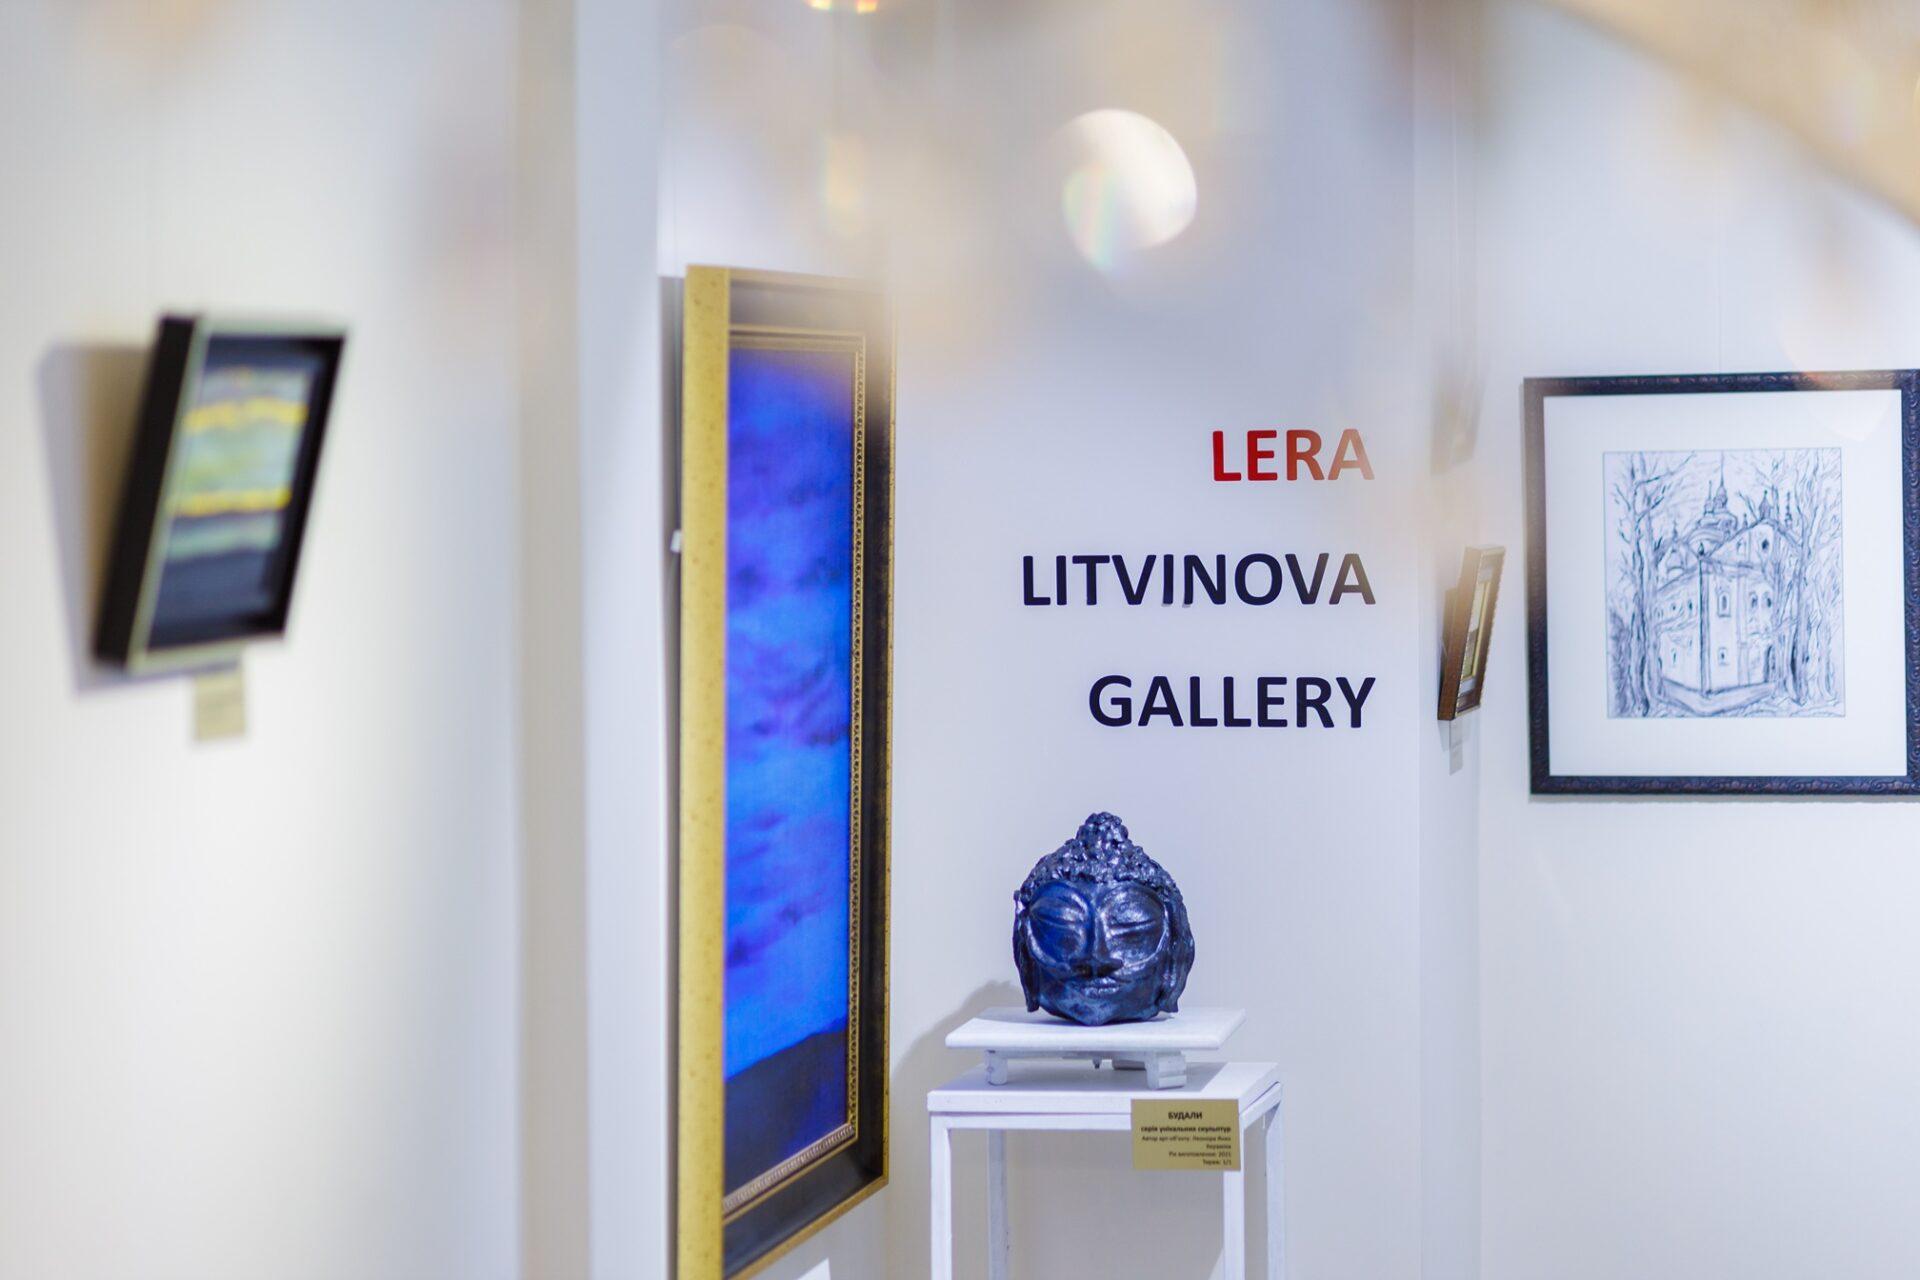 Відкриття галереї та виставки сучасного мистецтва Лери Літвінової та Леонори Янко